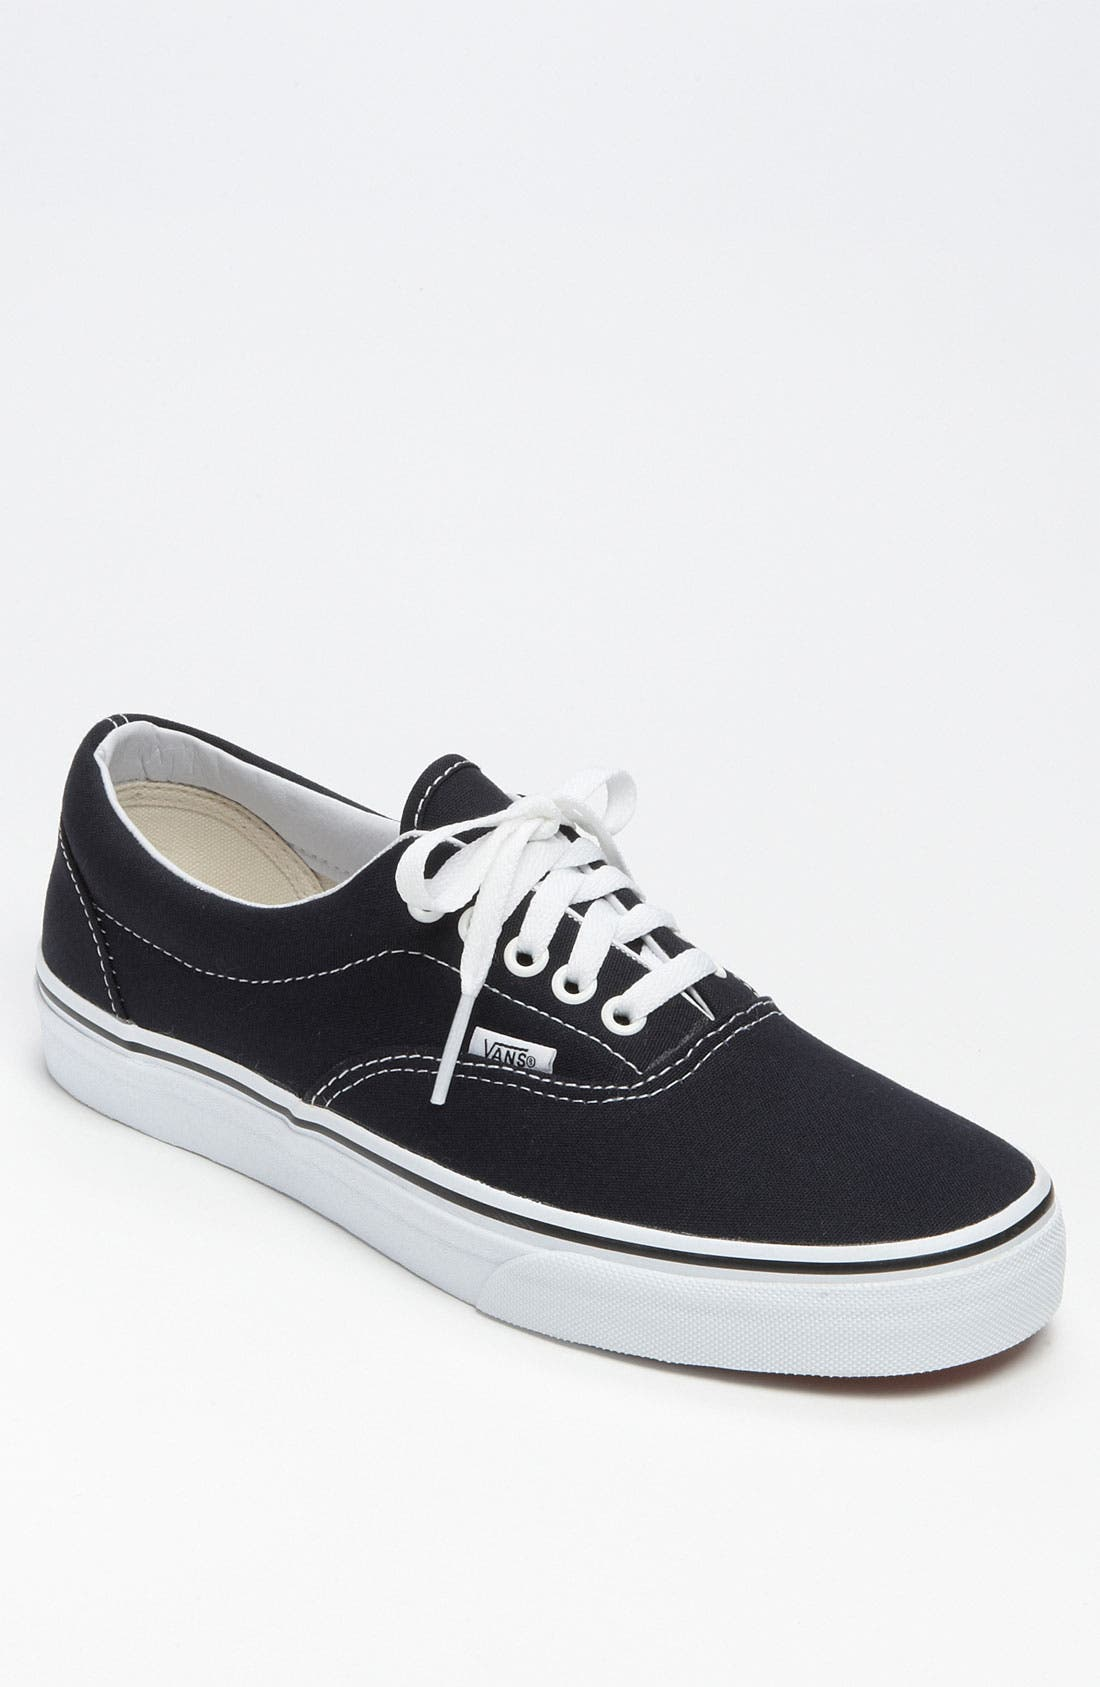 Main Image - Vans 'Era' Sneaker (Men)